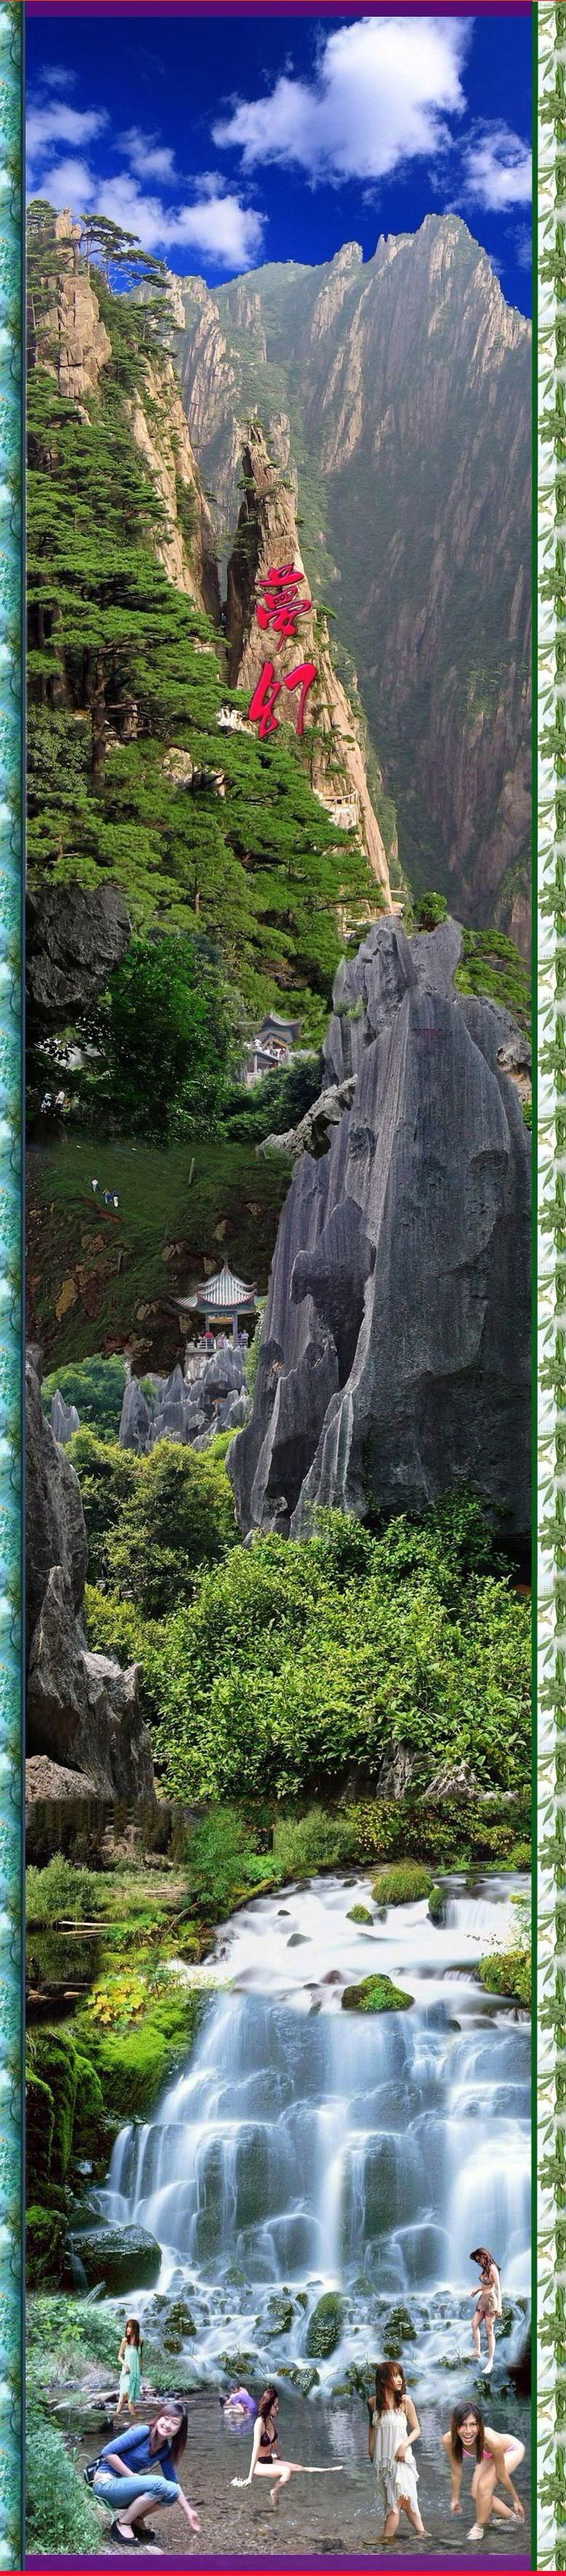 2008年6月10日长幅画卷  - 高山 - raotianzhang的博客